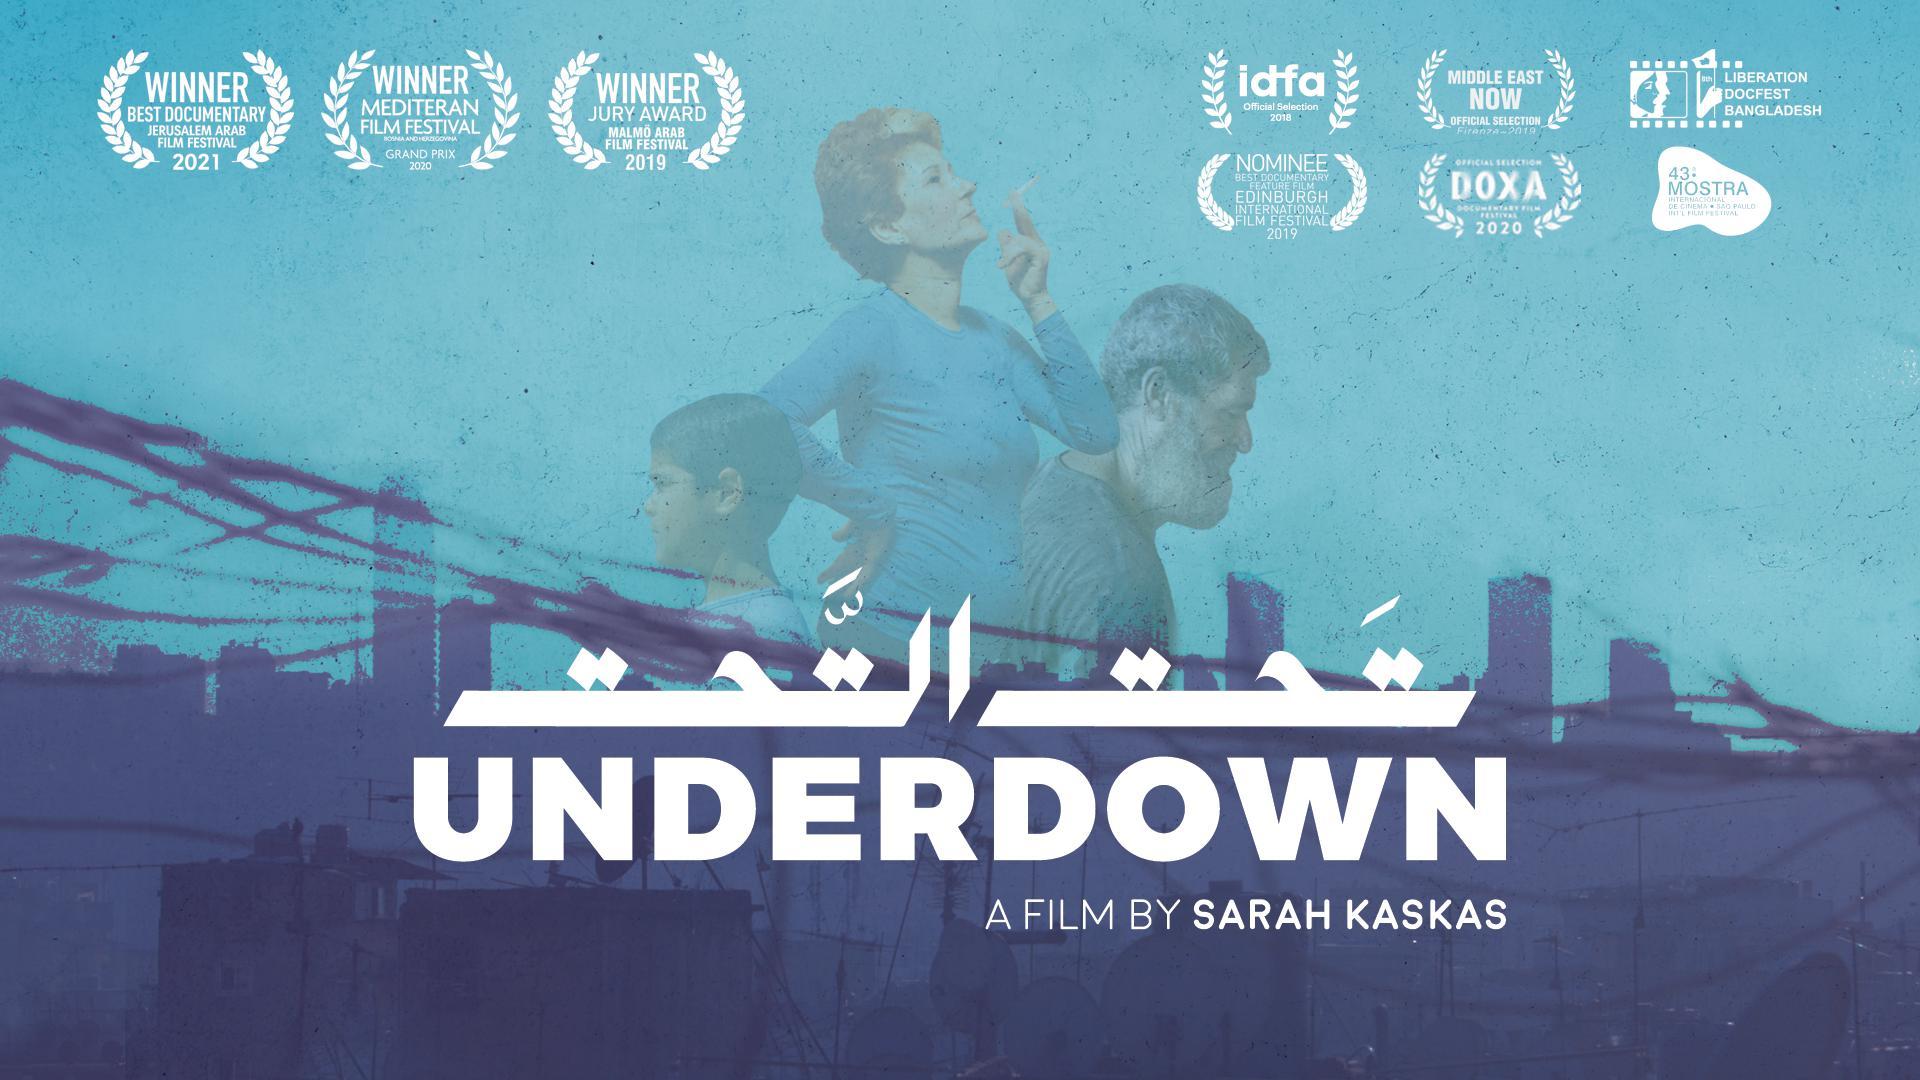 Underdown